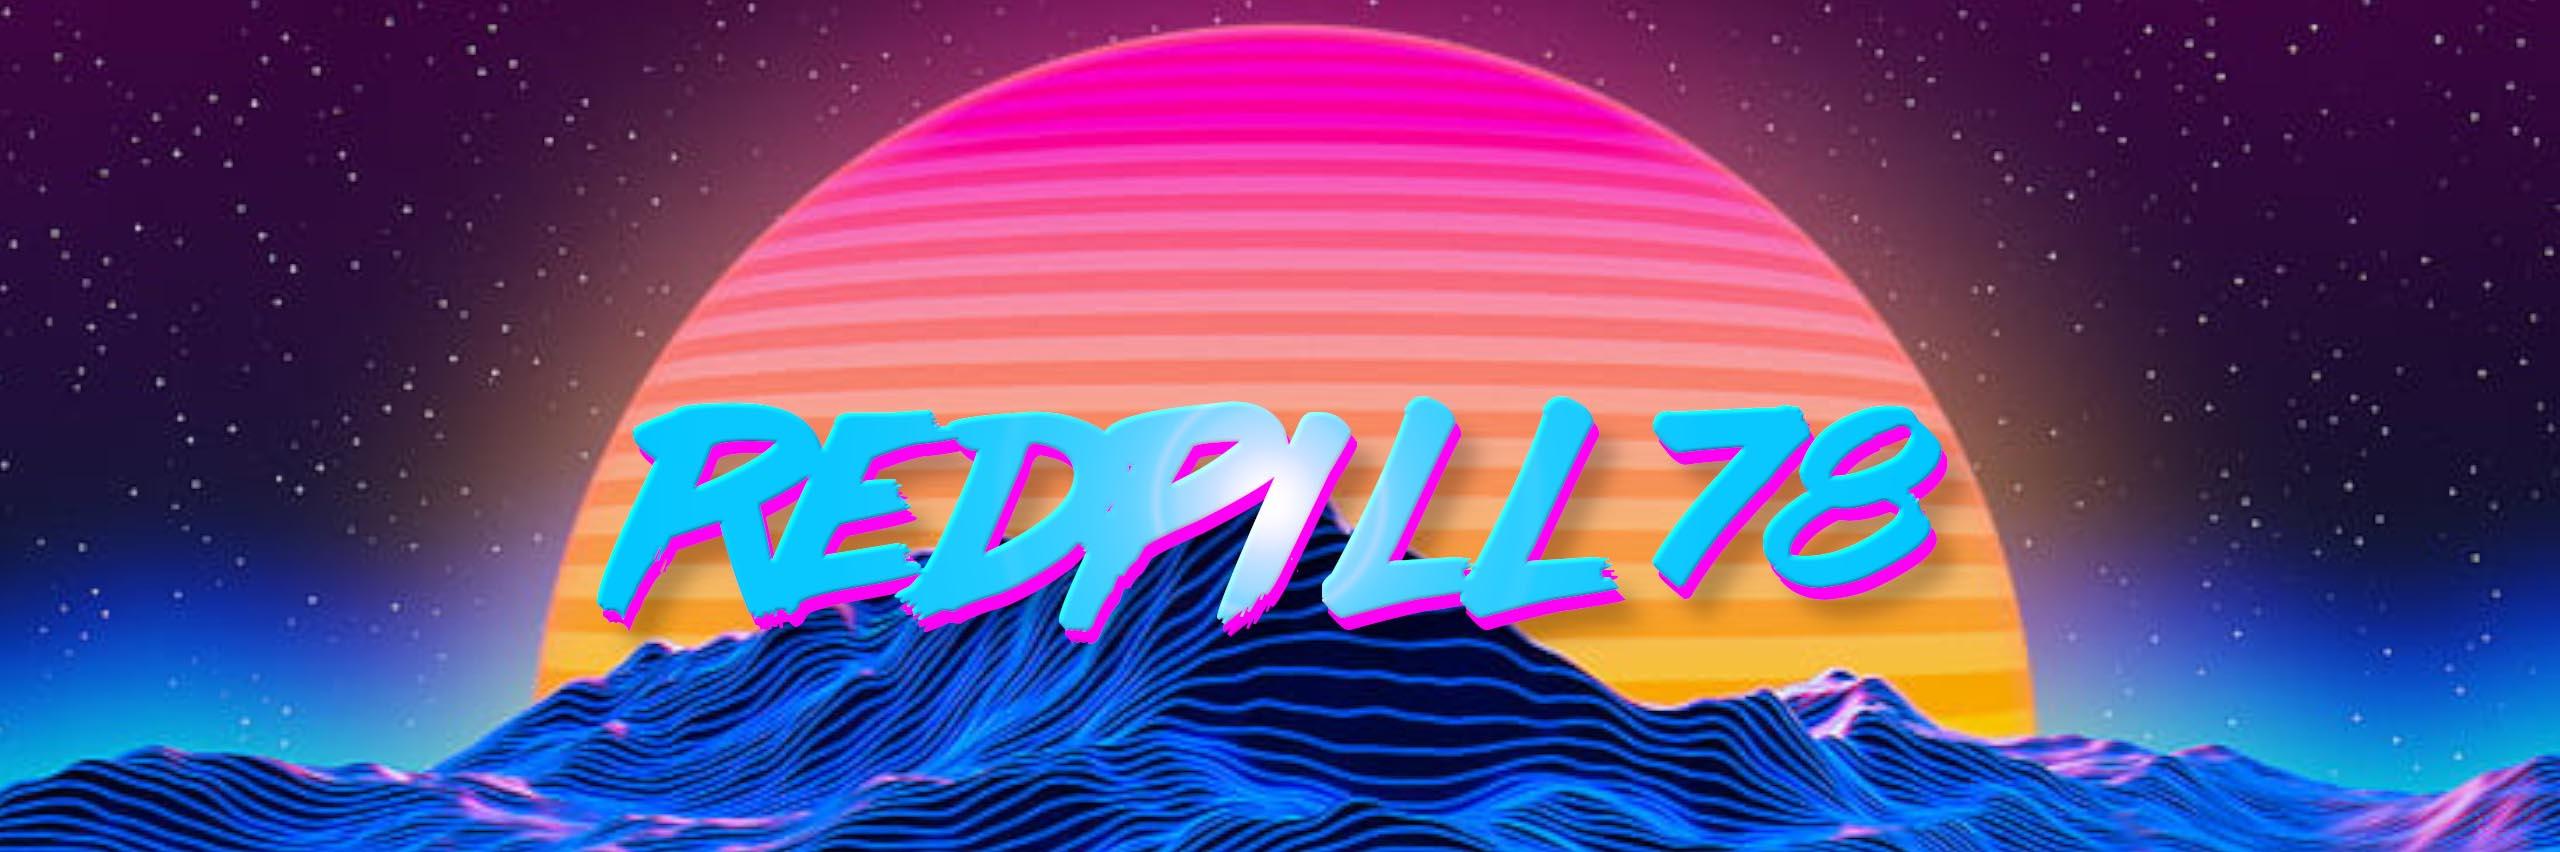 RedPill78_header2